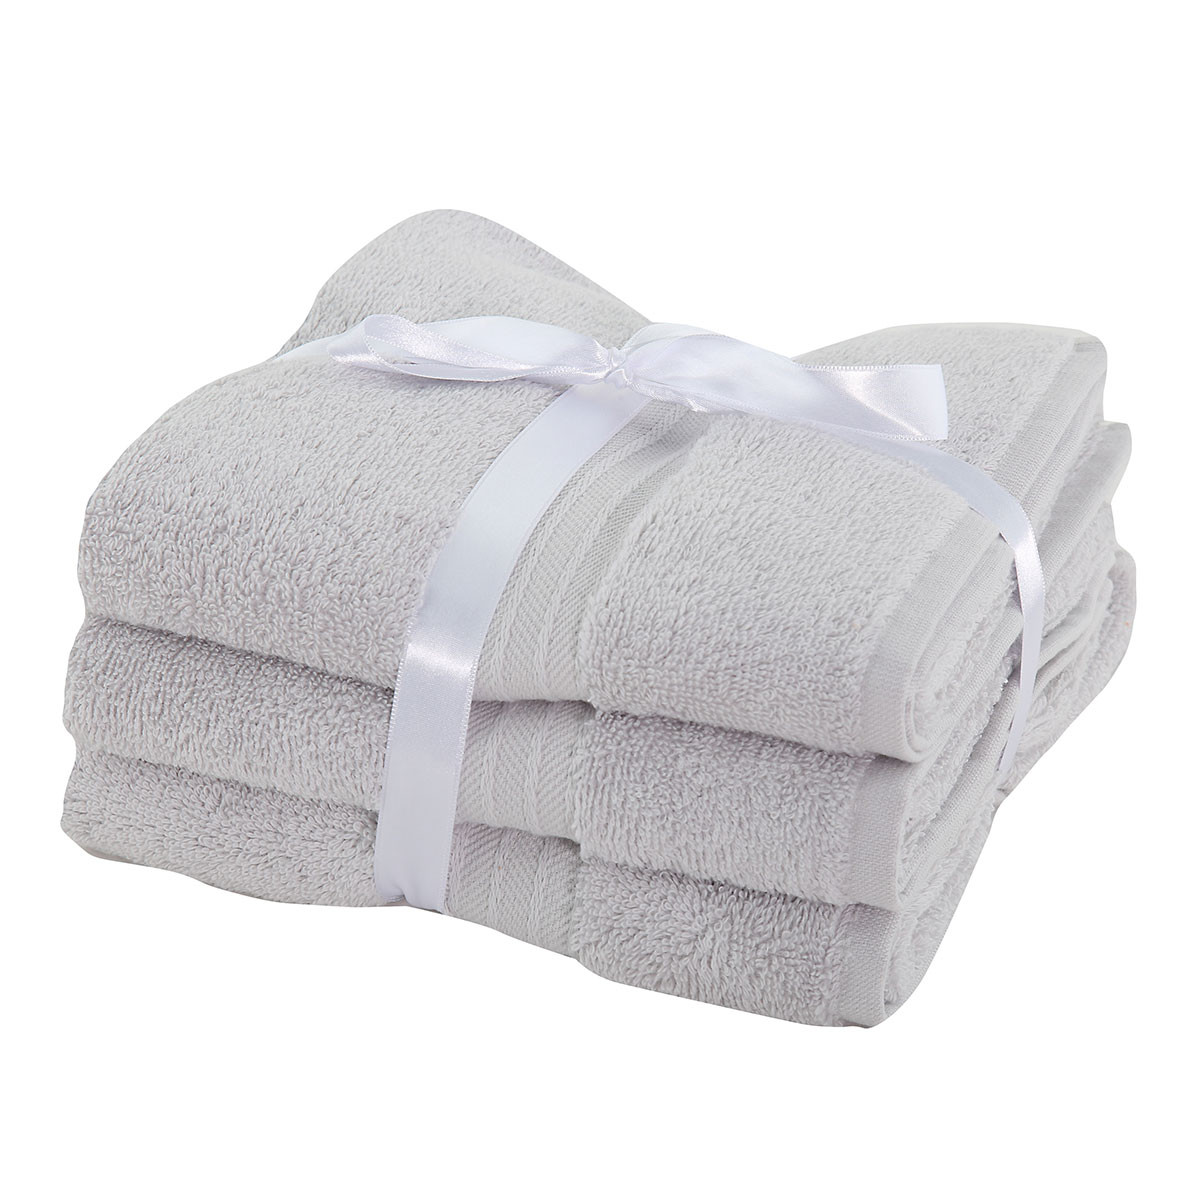 Πετσέτες Προσώπου (Σετ 3τμχ) Nef-Nef Cosy Grey